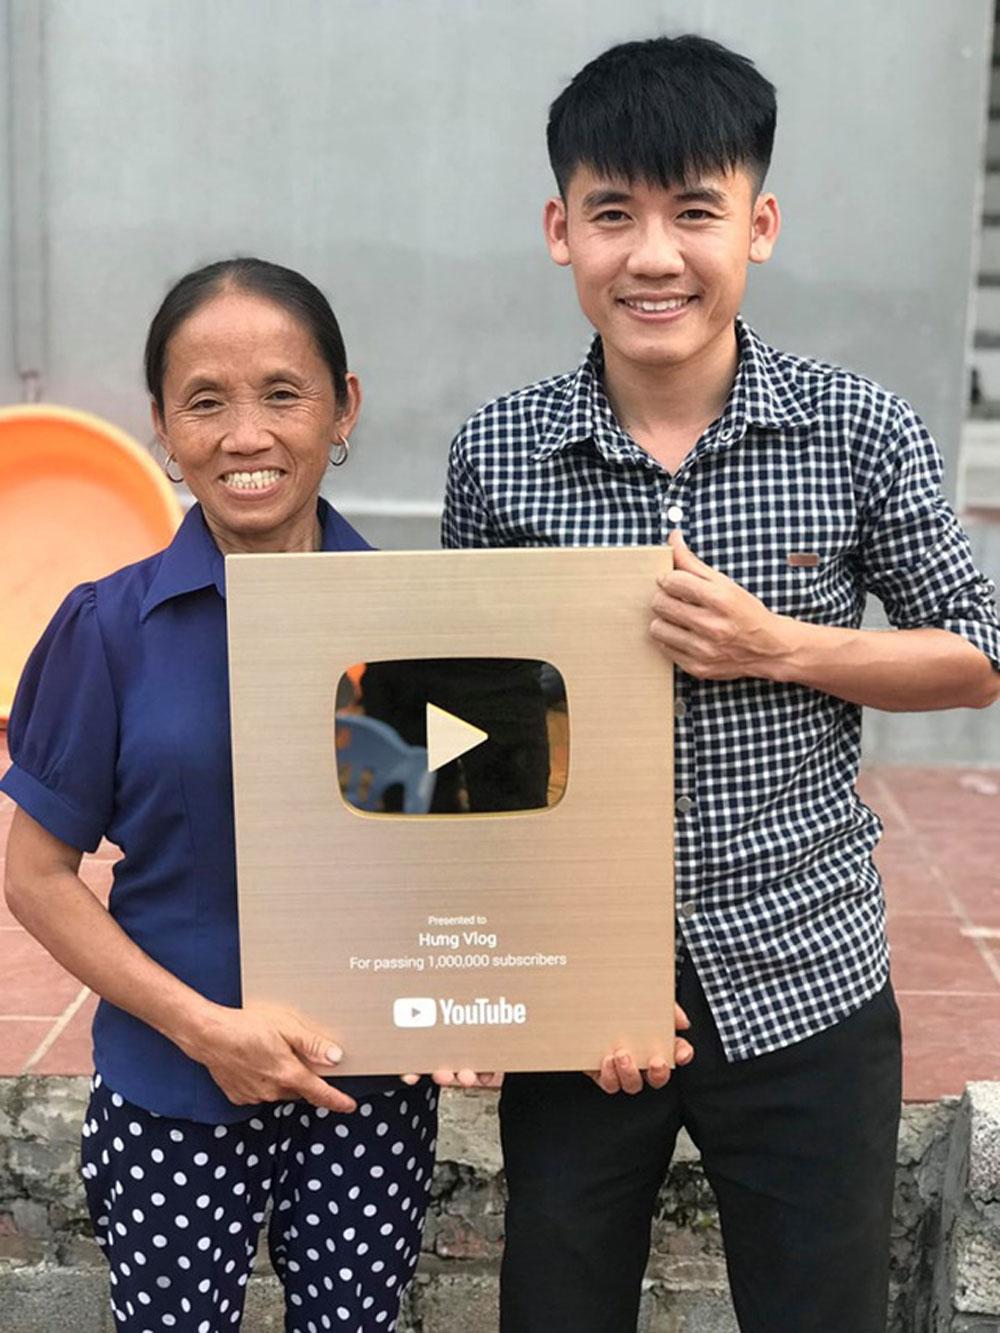 'Bà Tân Vlog', bật tính năng, kiếm tiền trên YouTube ,  Nguyễn Văn Hưng, Hưng Vlog